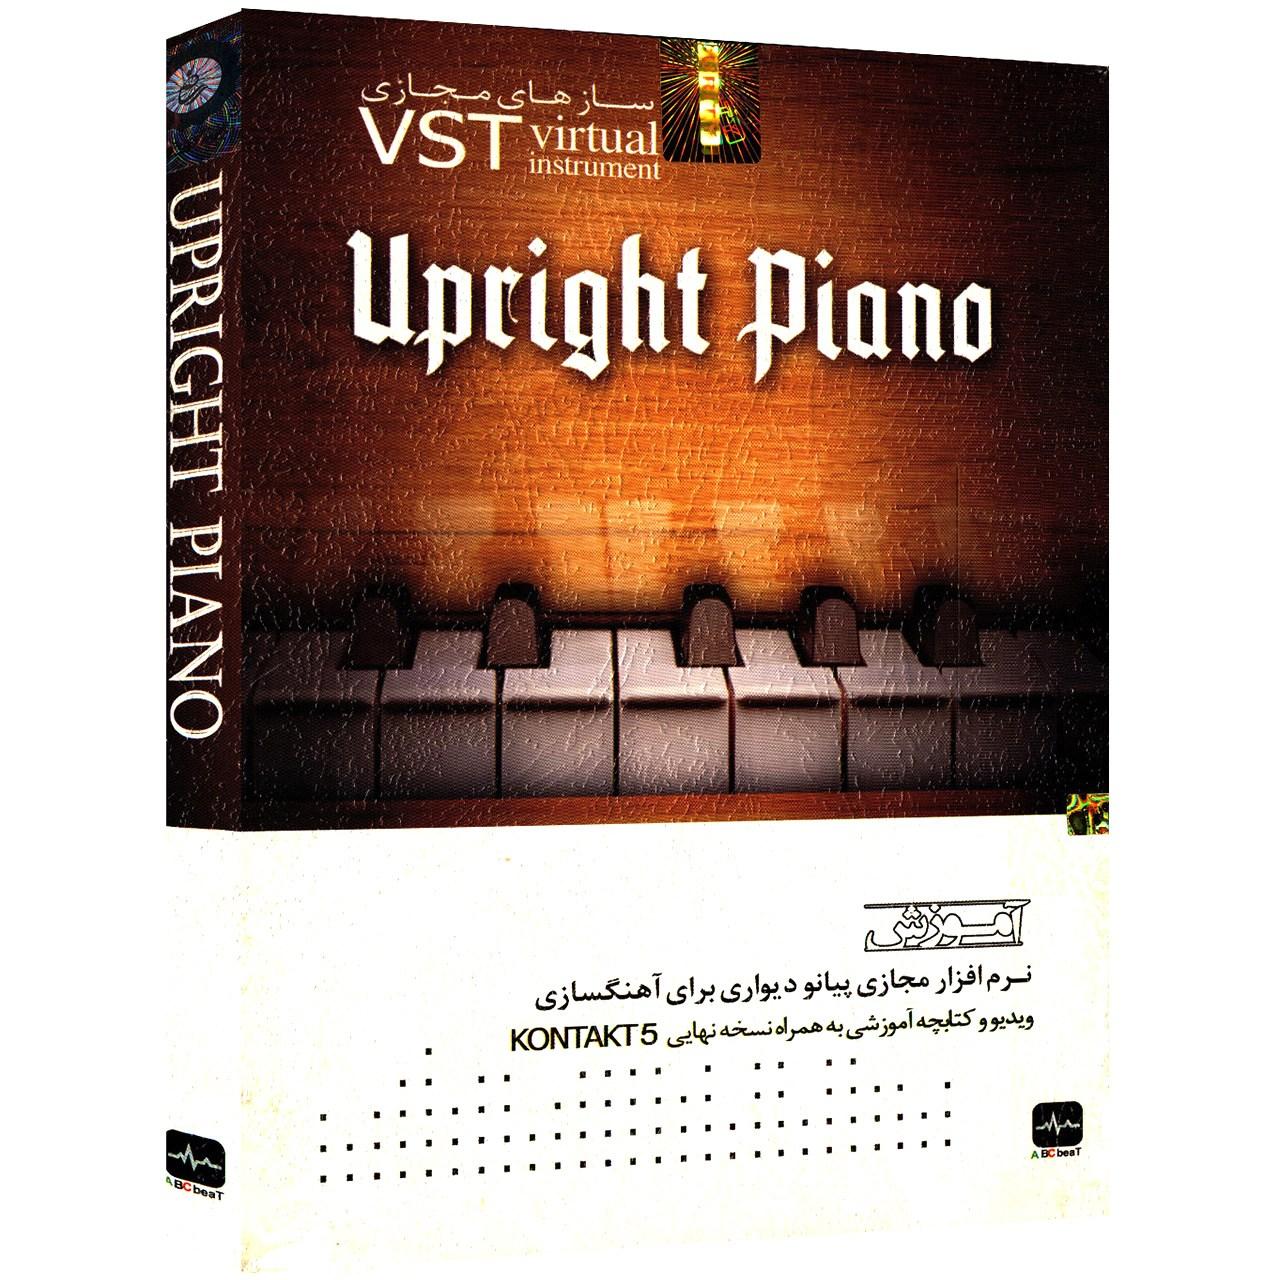 نرم افزار آموزش پیانو دیواری VST نشر رایان گستر باروک